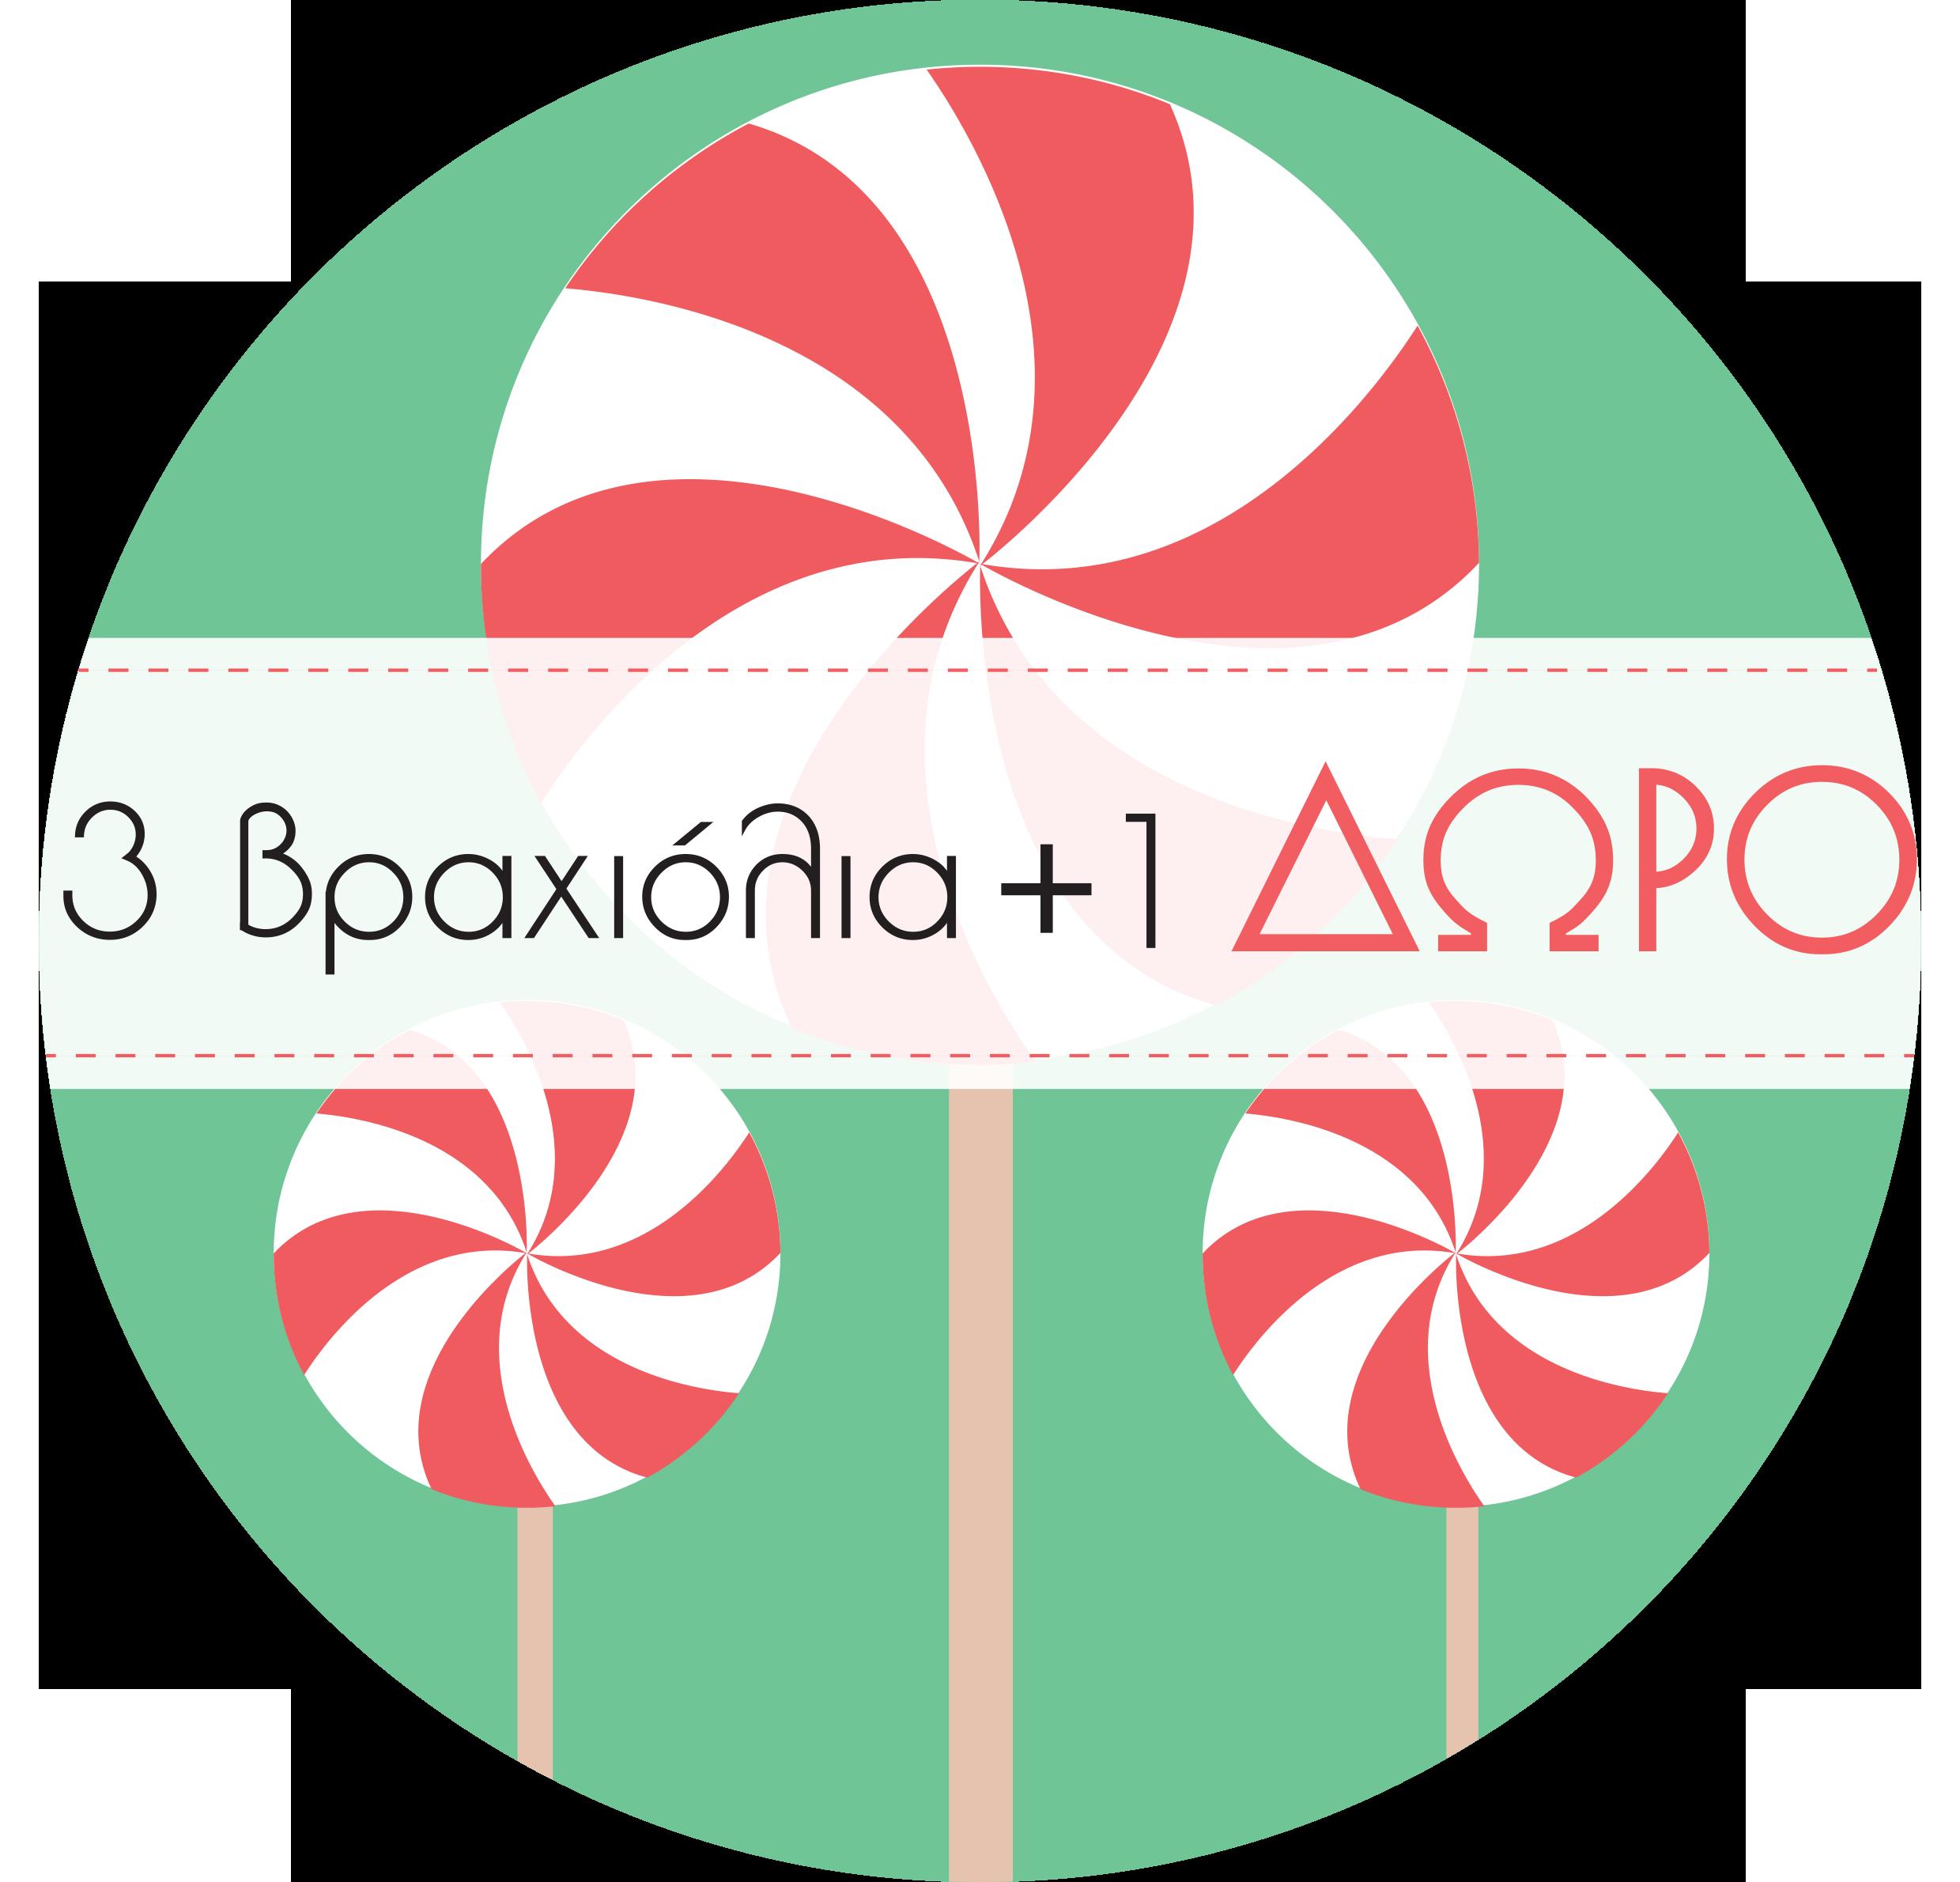 ΔΩΡΟ_4.png